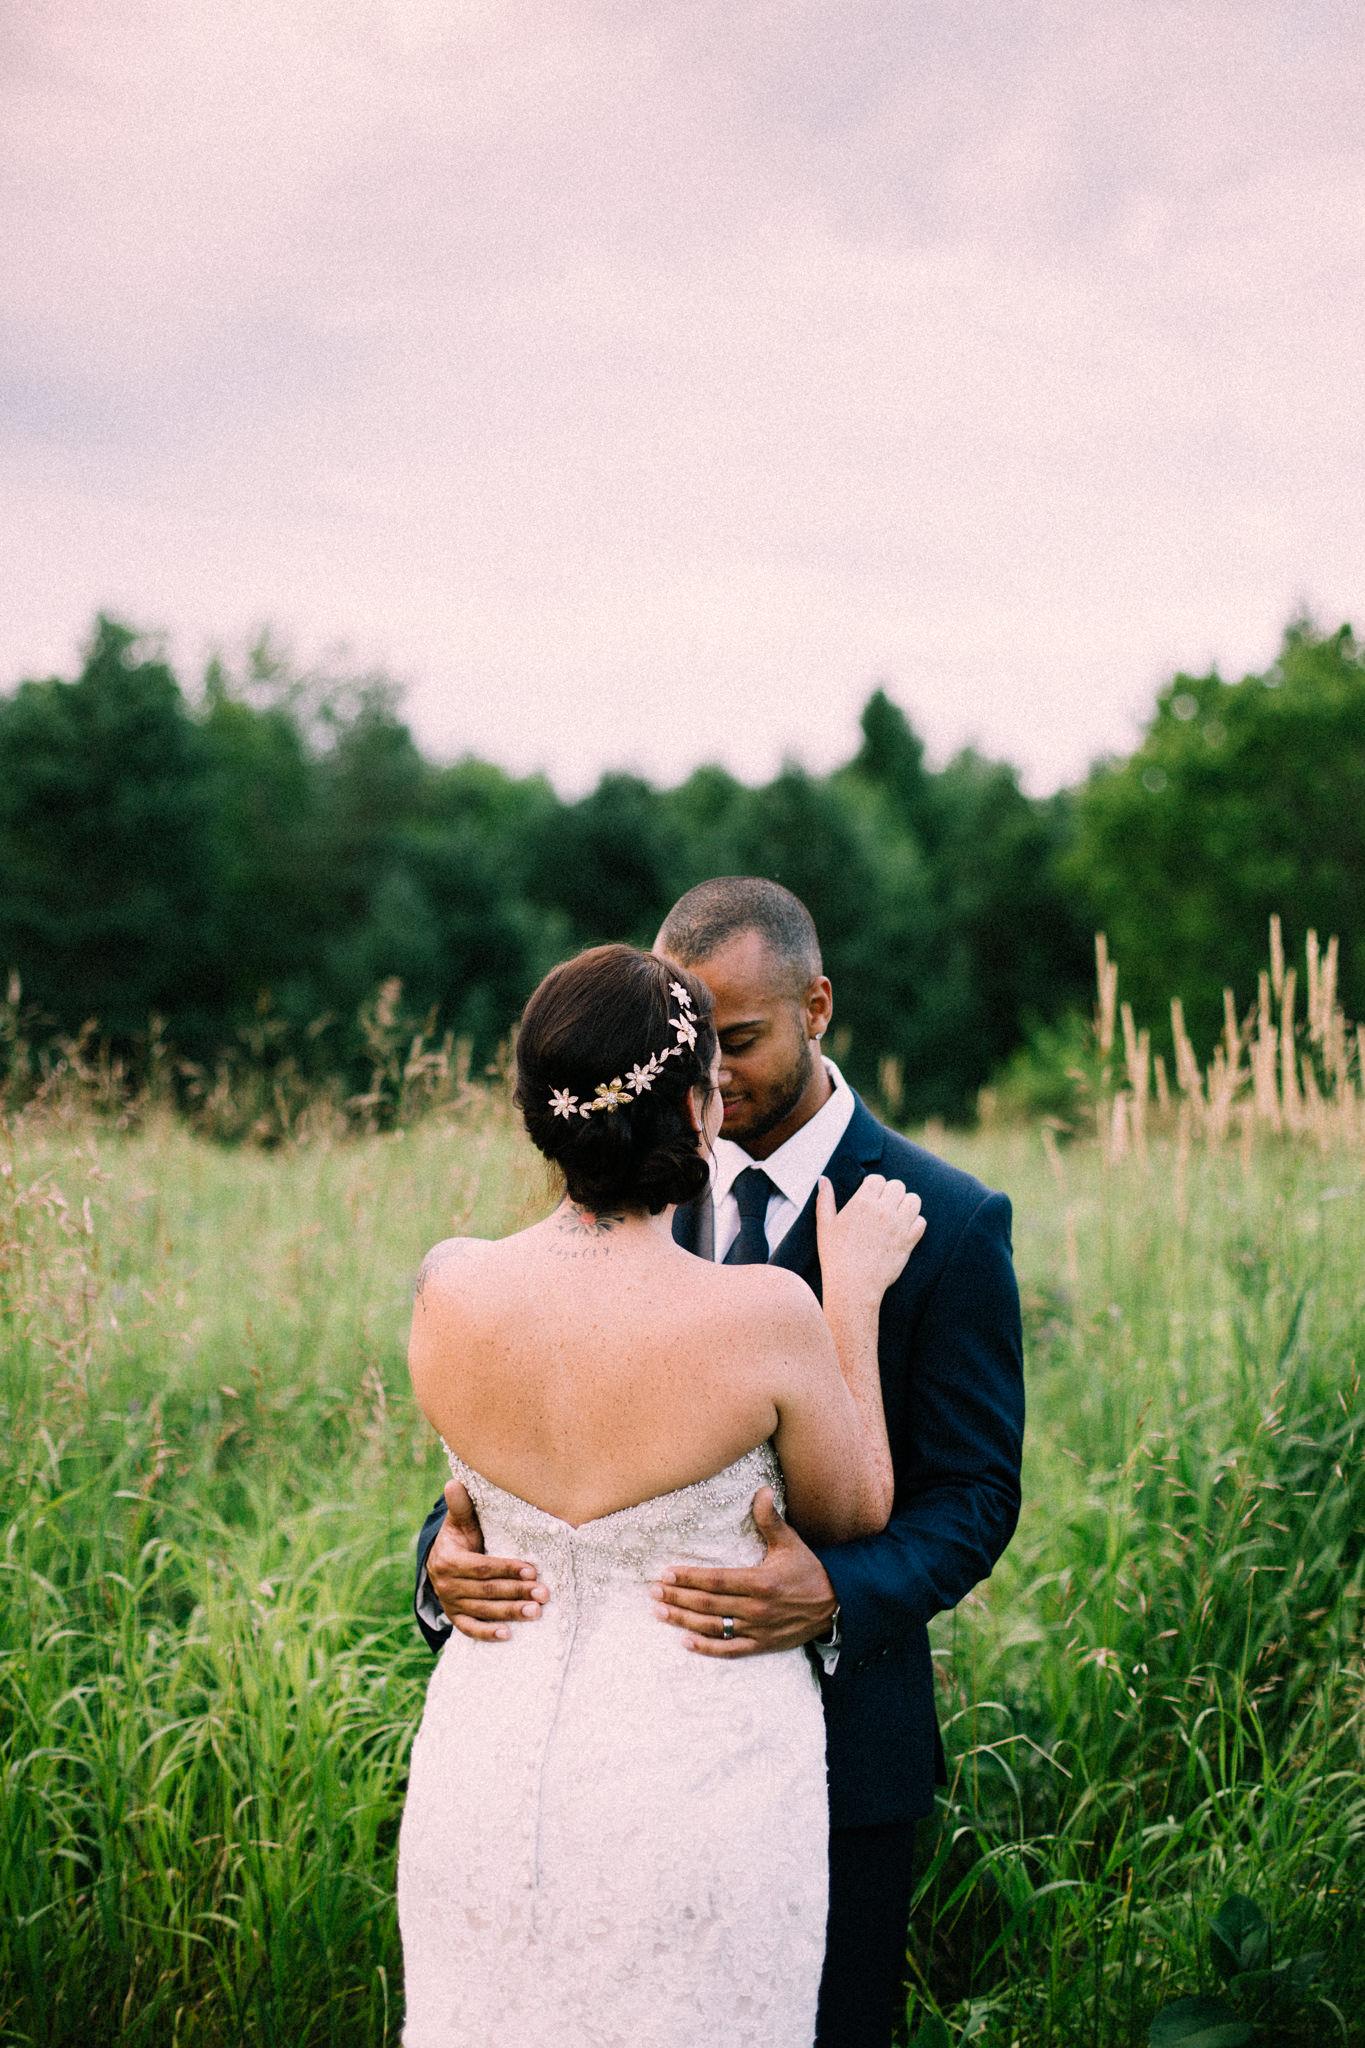 Orillia summer wedding at Northbrook Farms by Max Wong Photo (34)